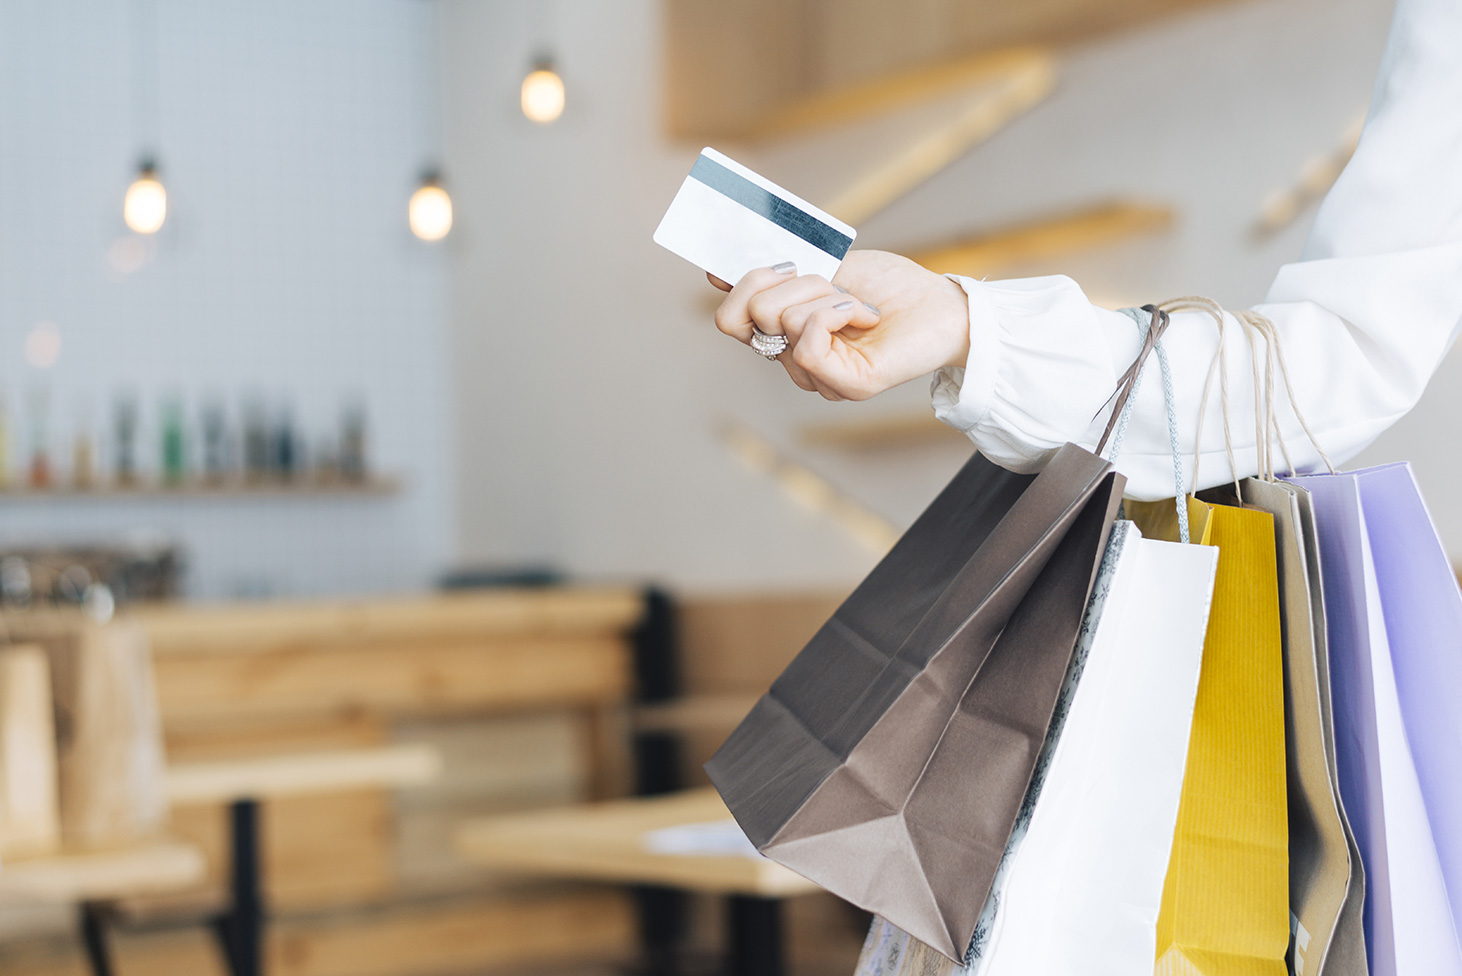 ۴ روش ساده برای بهبود سئوی ووکامرس و افزایش فروش